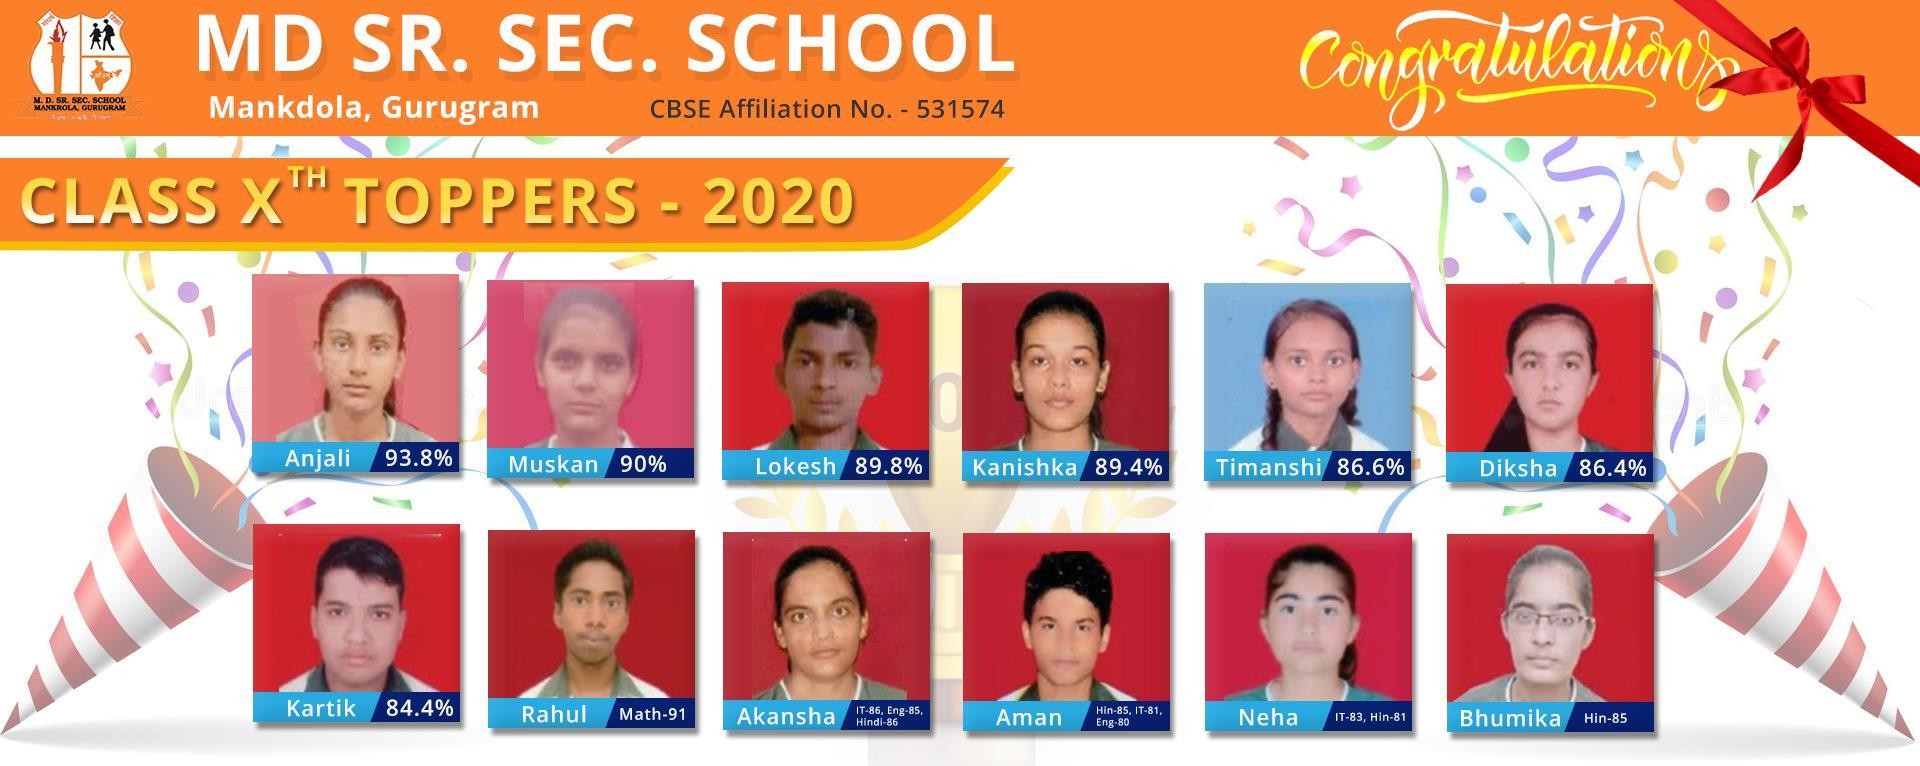 M D sr. sec. School